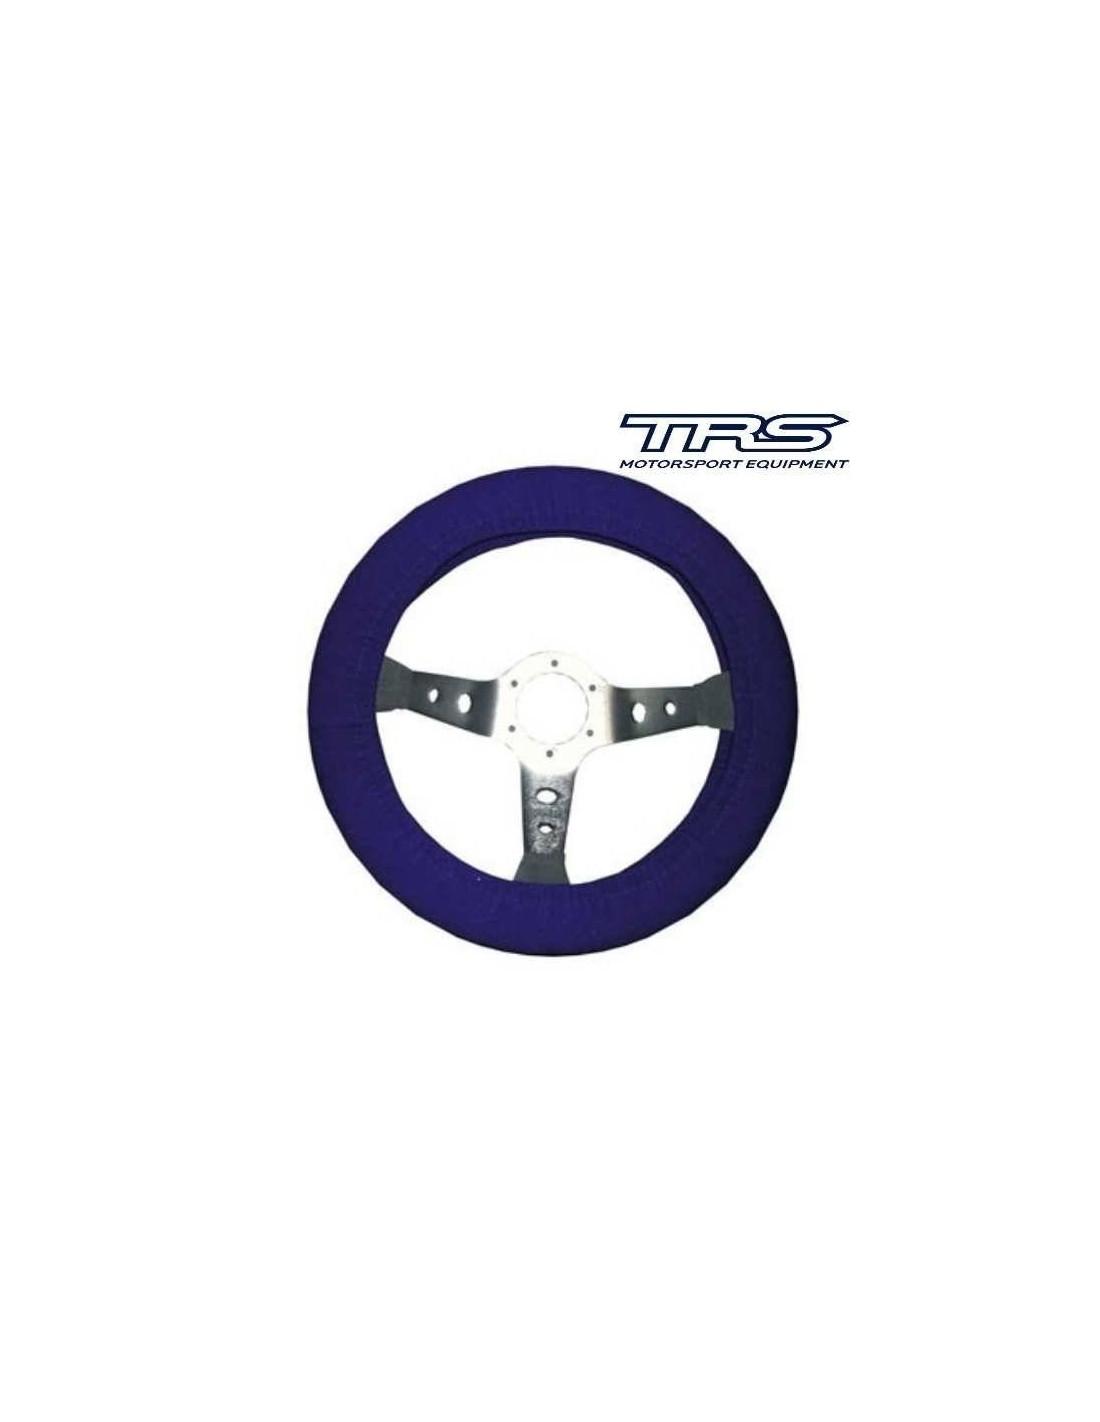 Housse de protection pour volant bleu for Housse volant